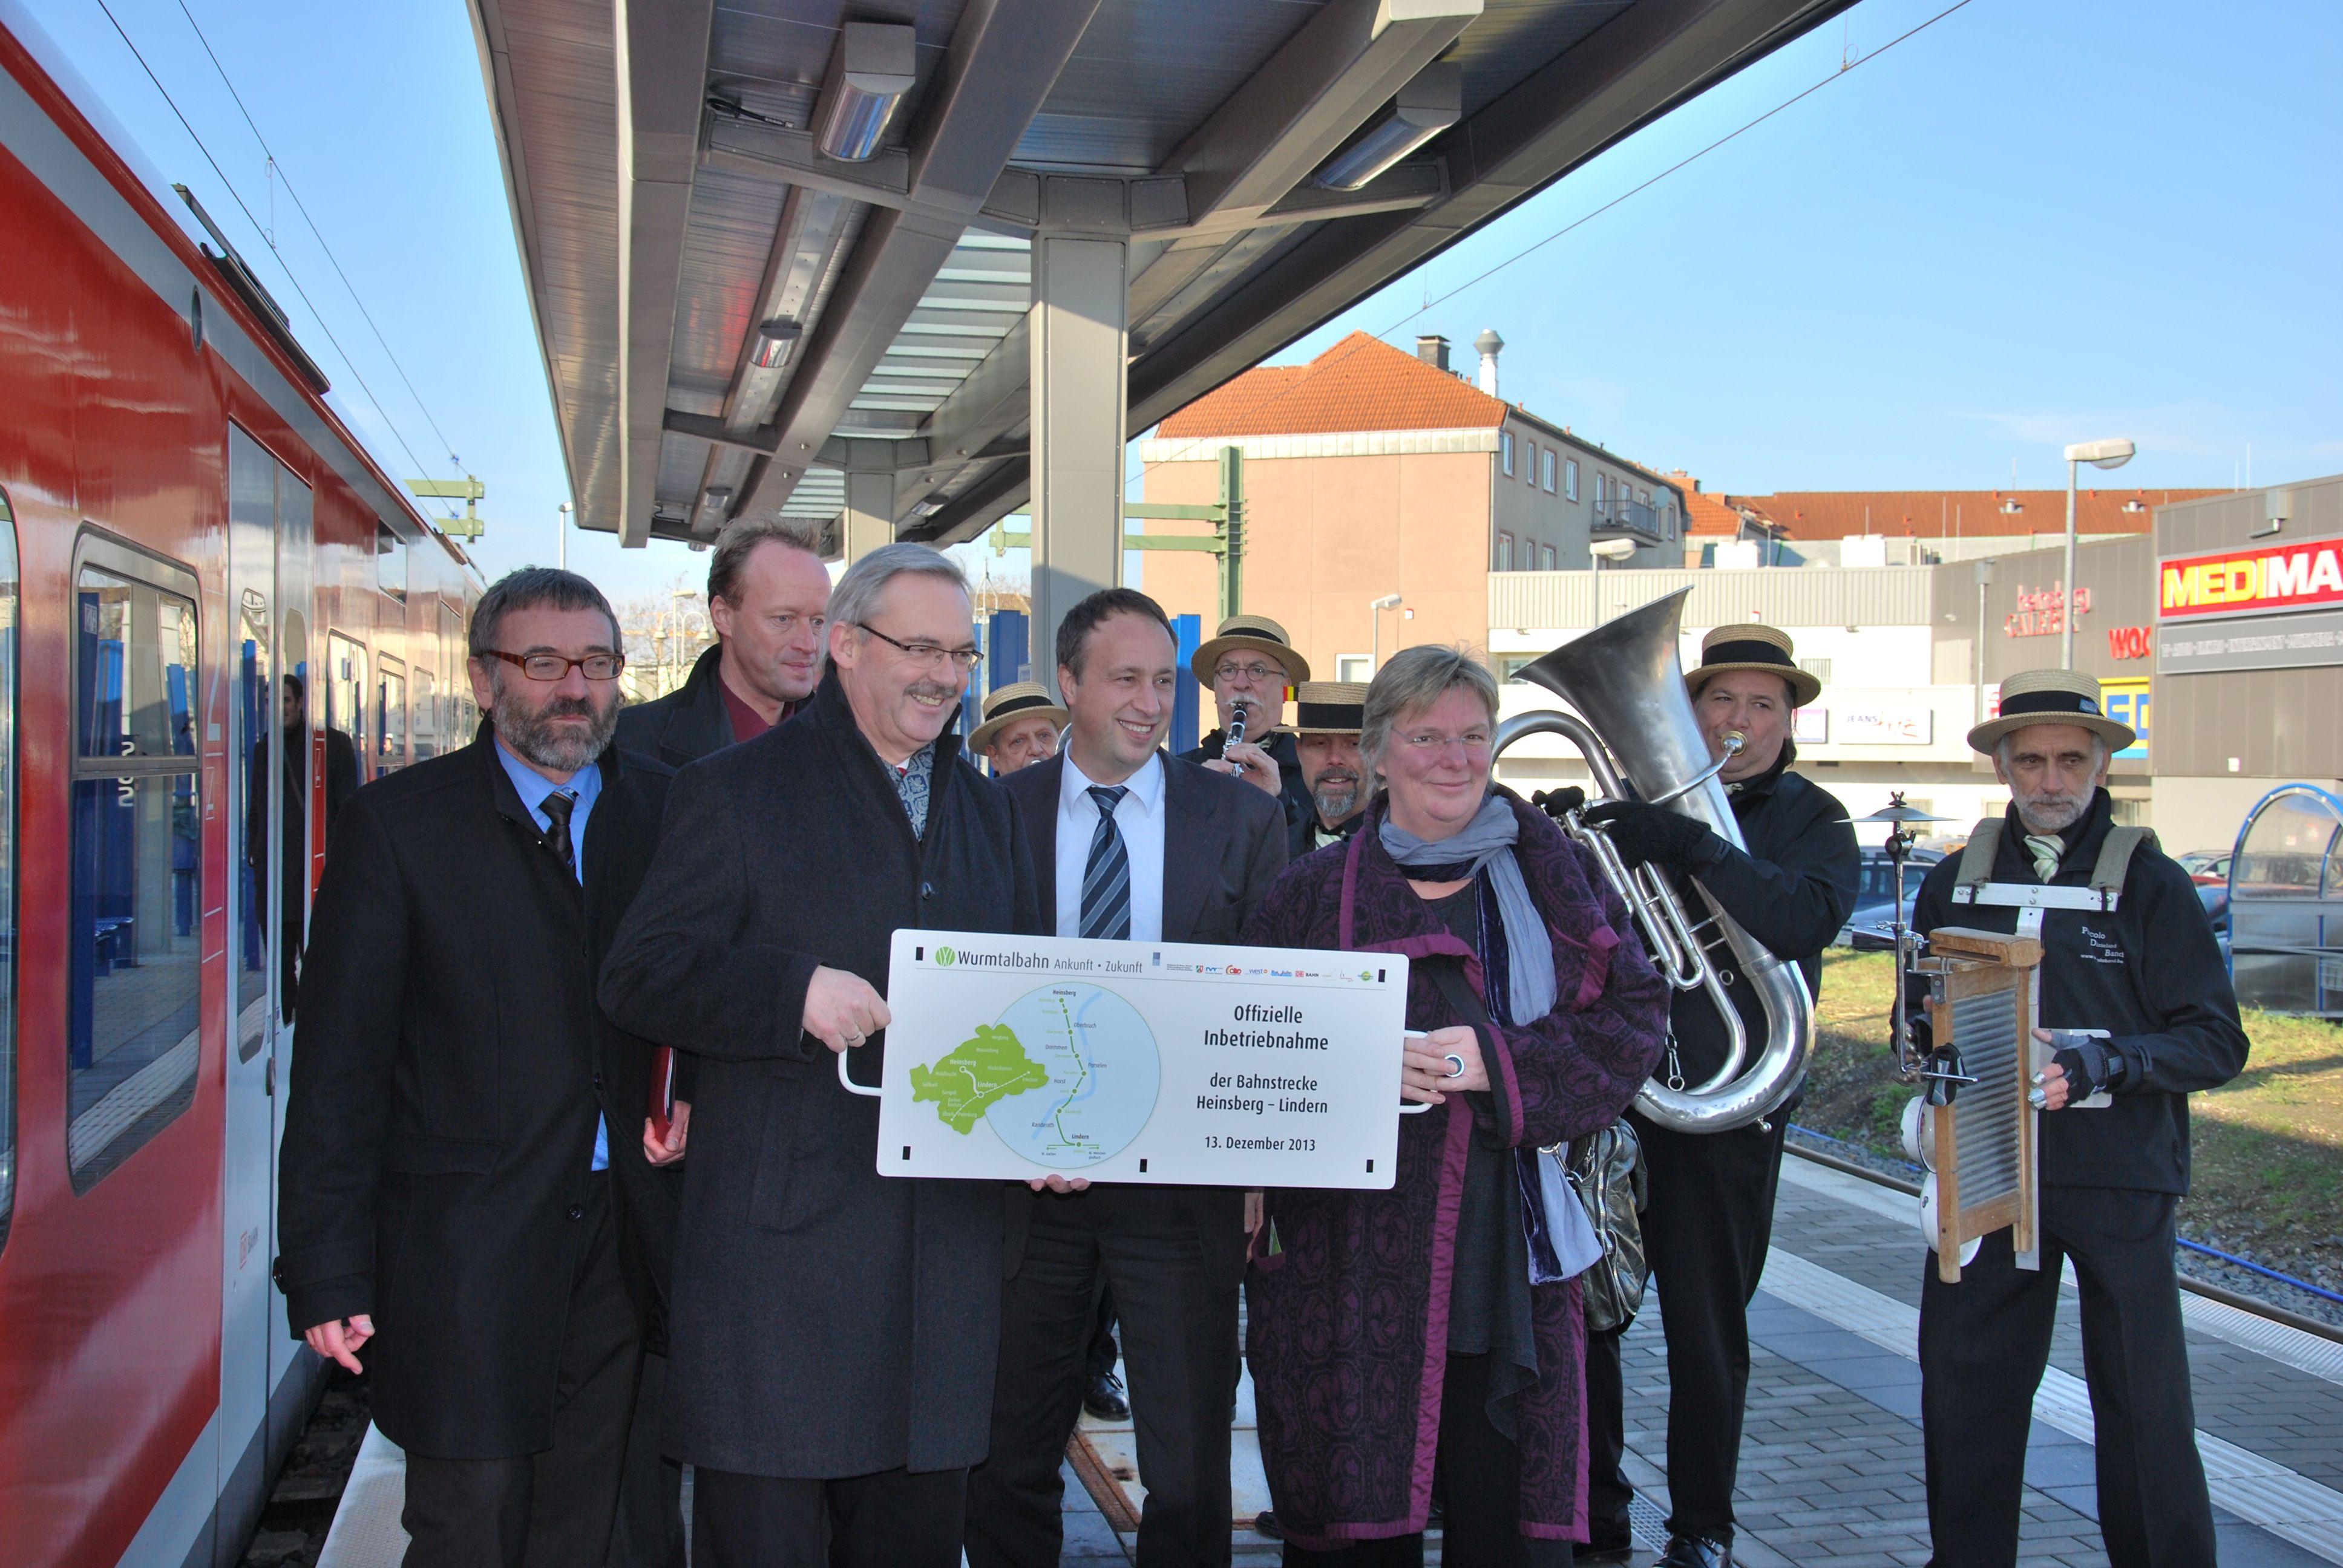 Die Projektpartner präsentieren stolz das Zuglaufschild mit dem Eröffnungsdatum.